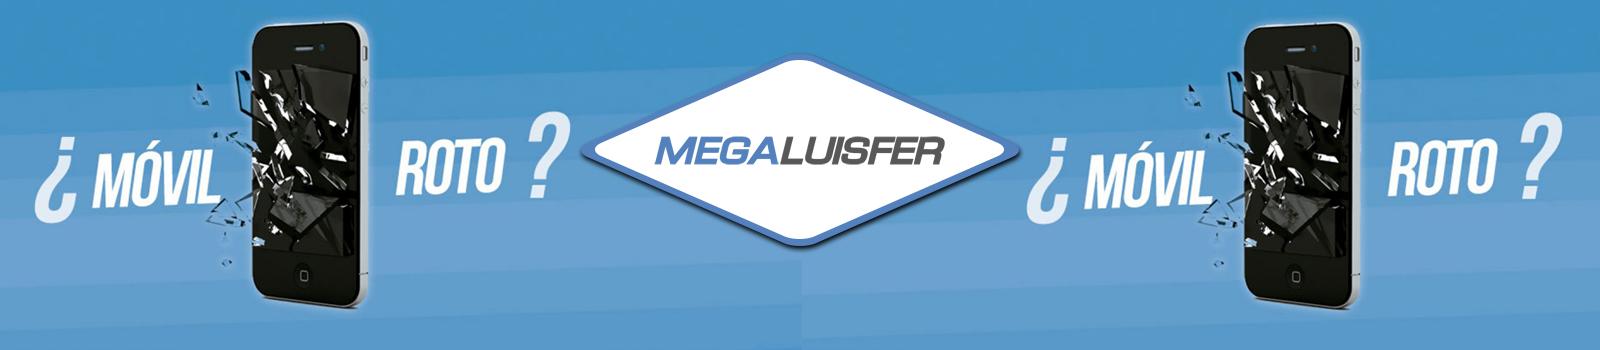 profesionales de móviles,servicio técnico,reparar consolas